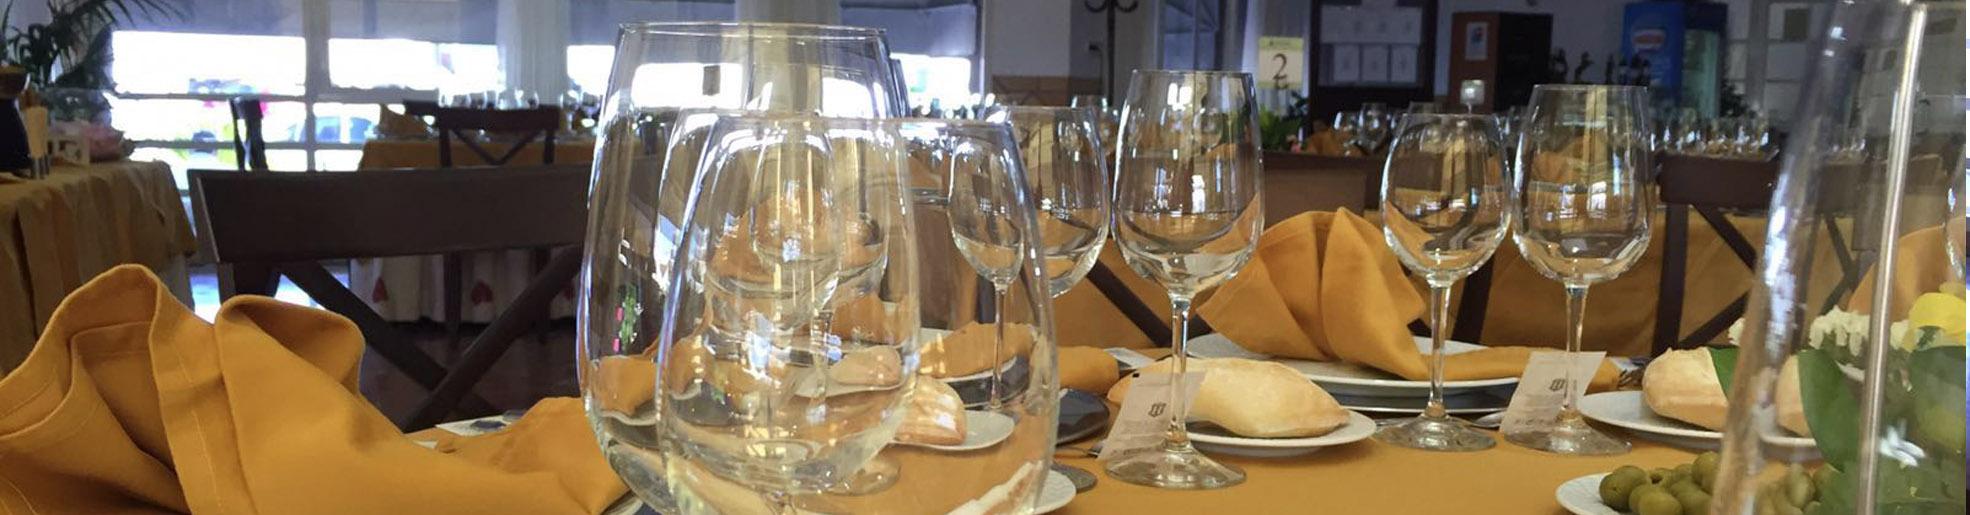 foto_restaurante_banquetes